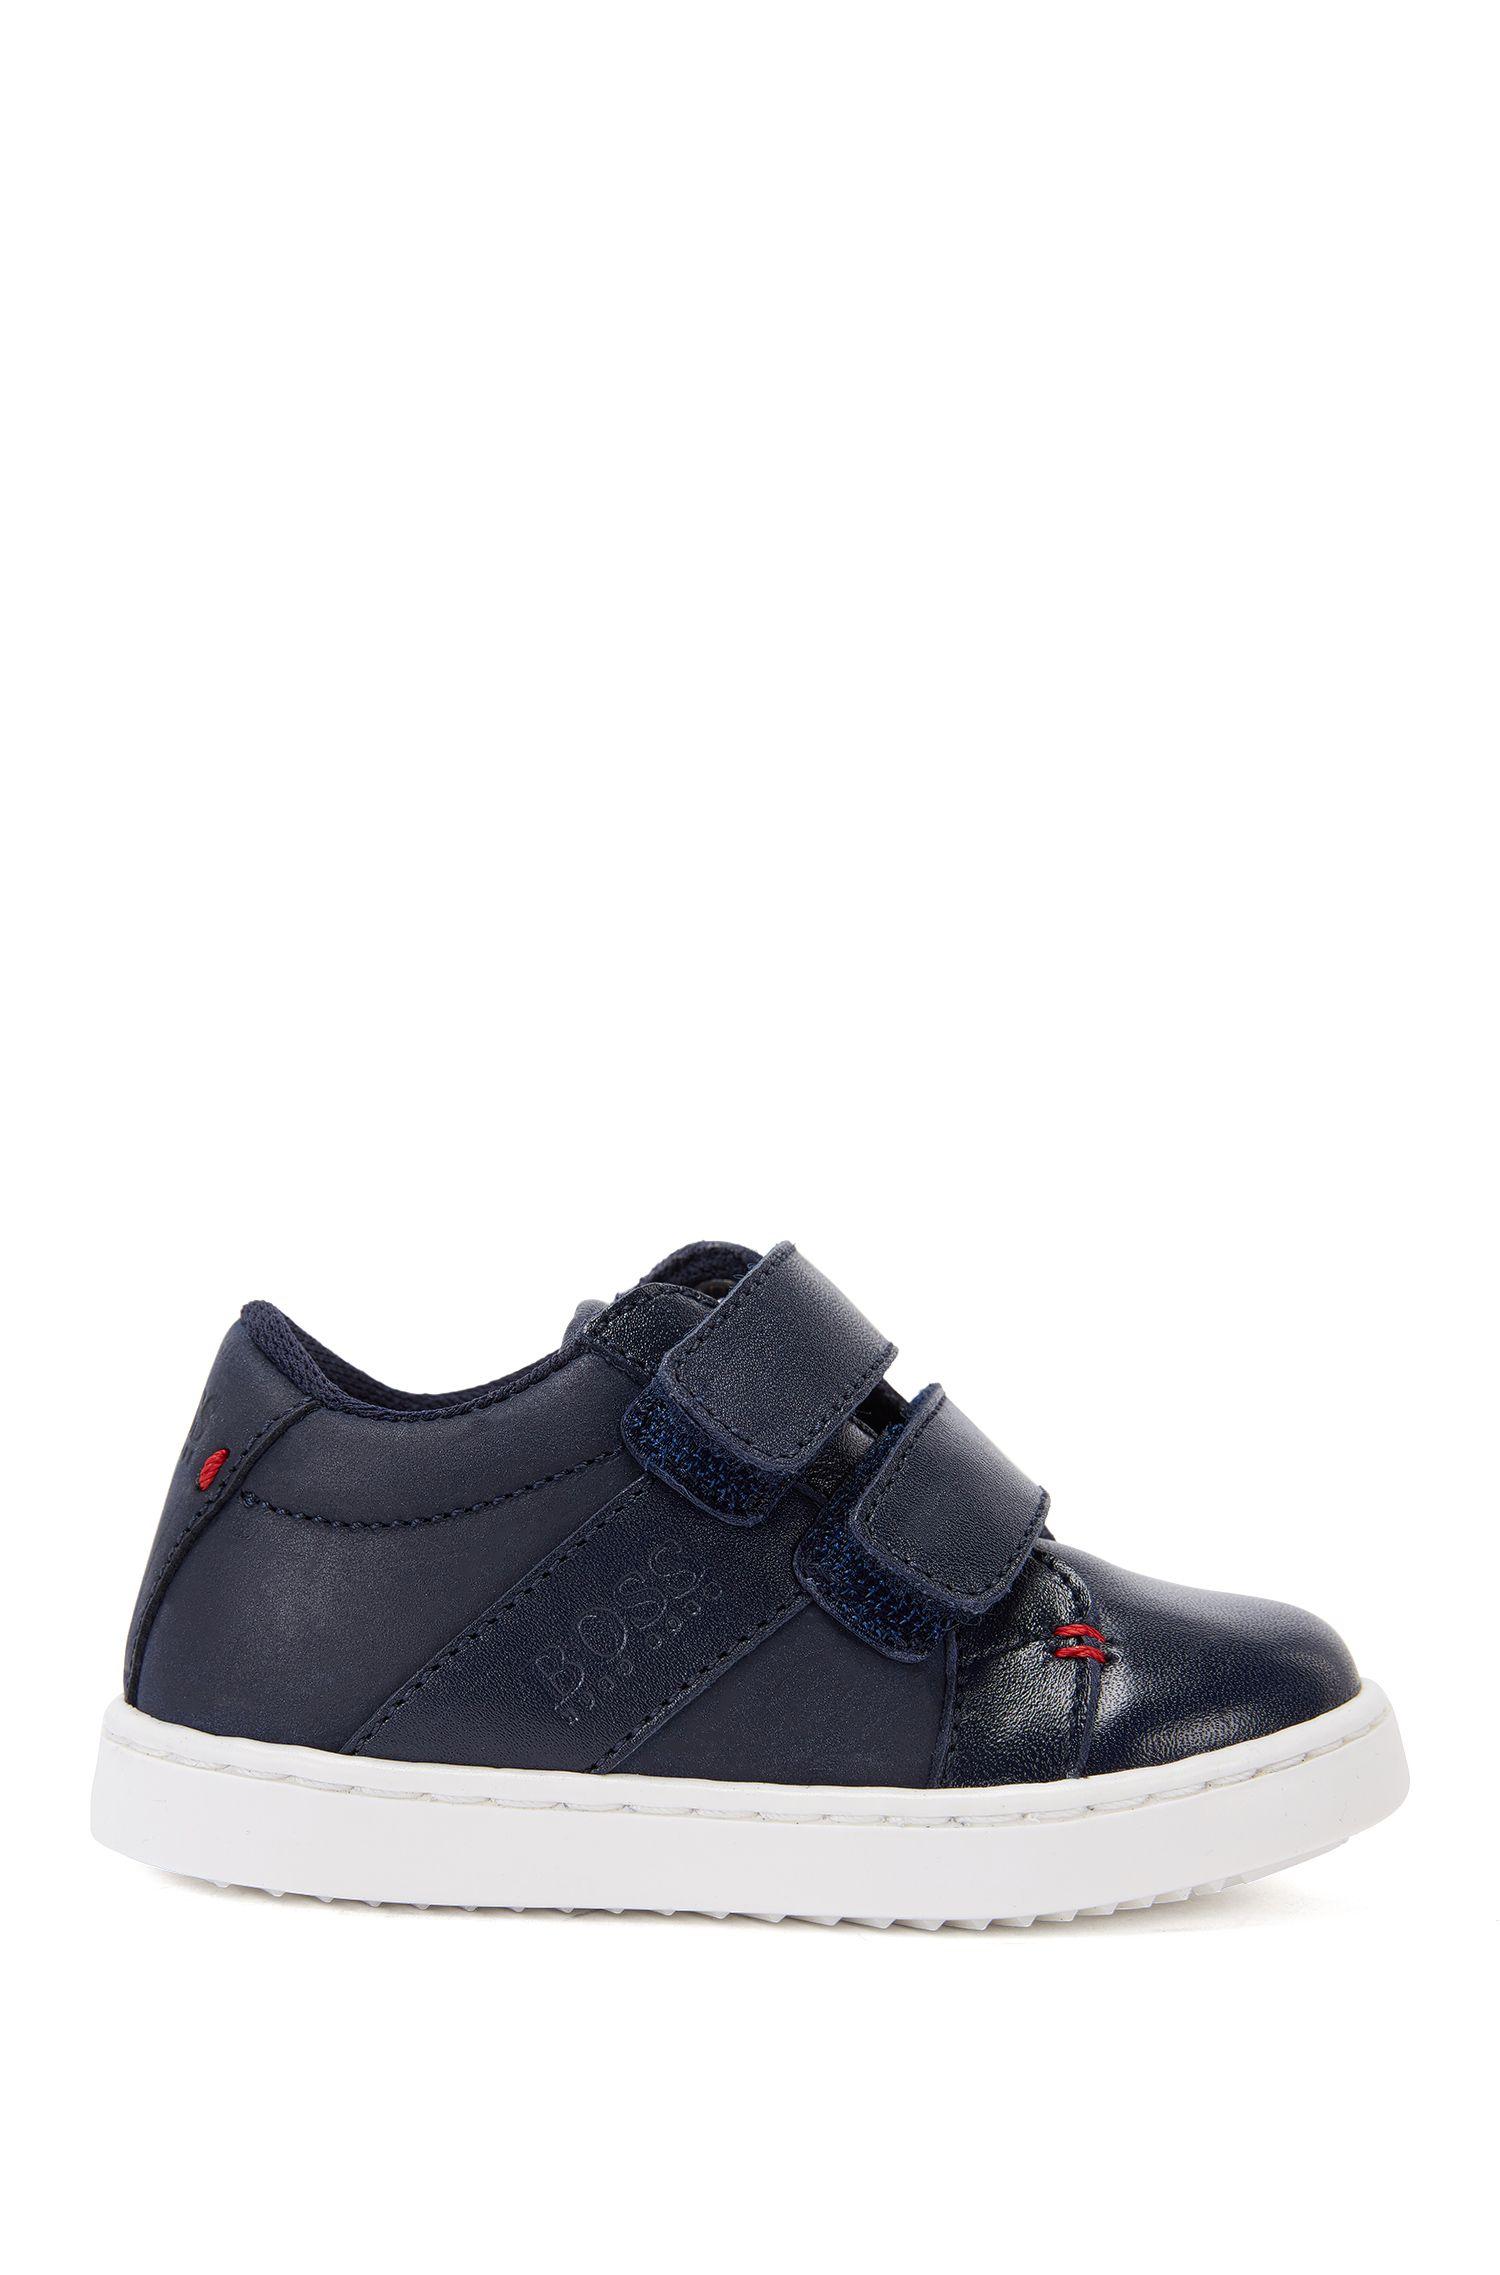 Kids-Sneakers aus Leder mit Klettverschluss: 'J09085'